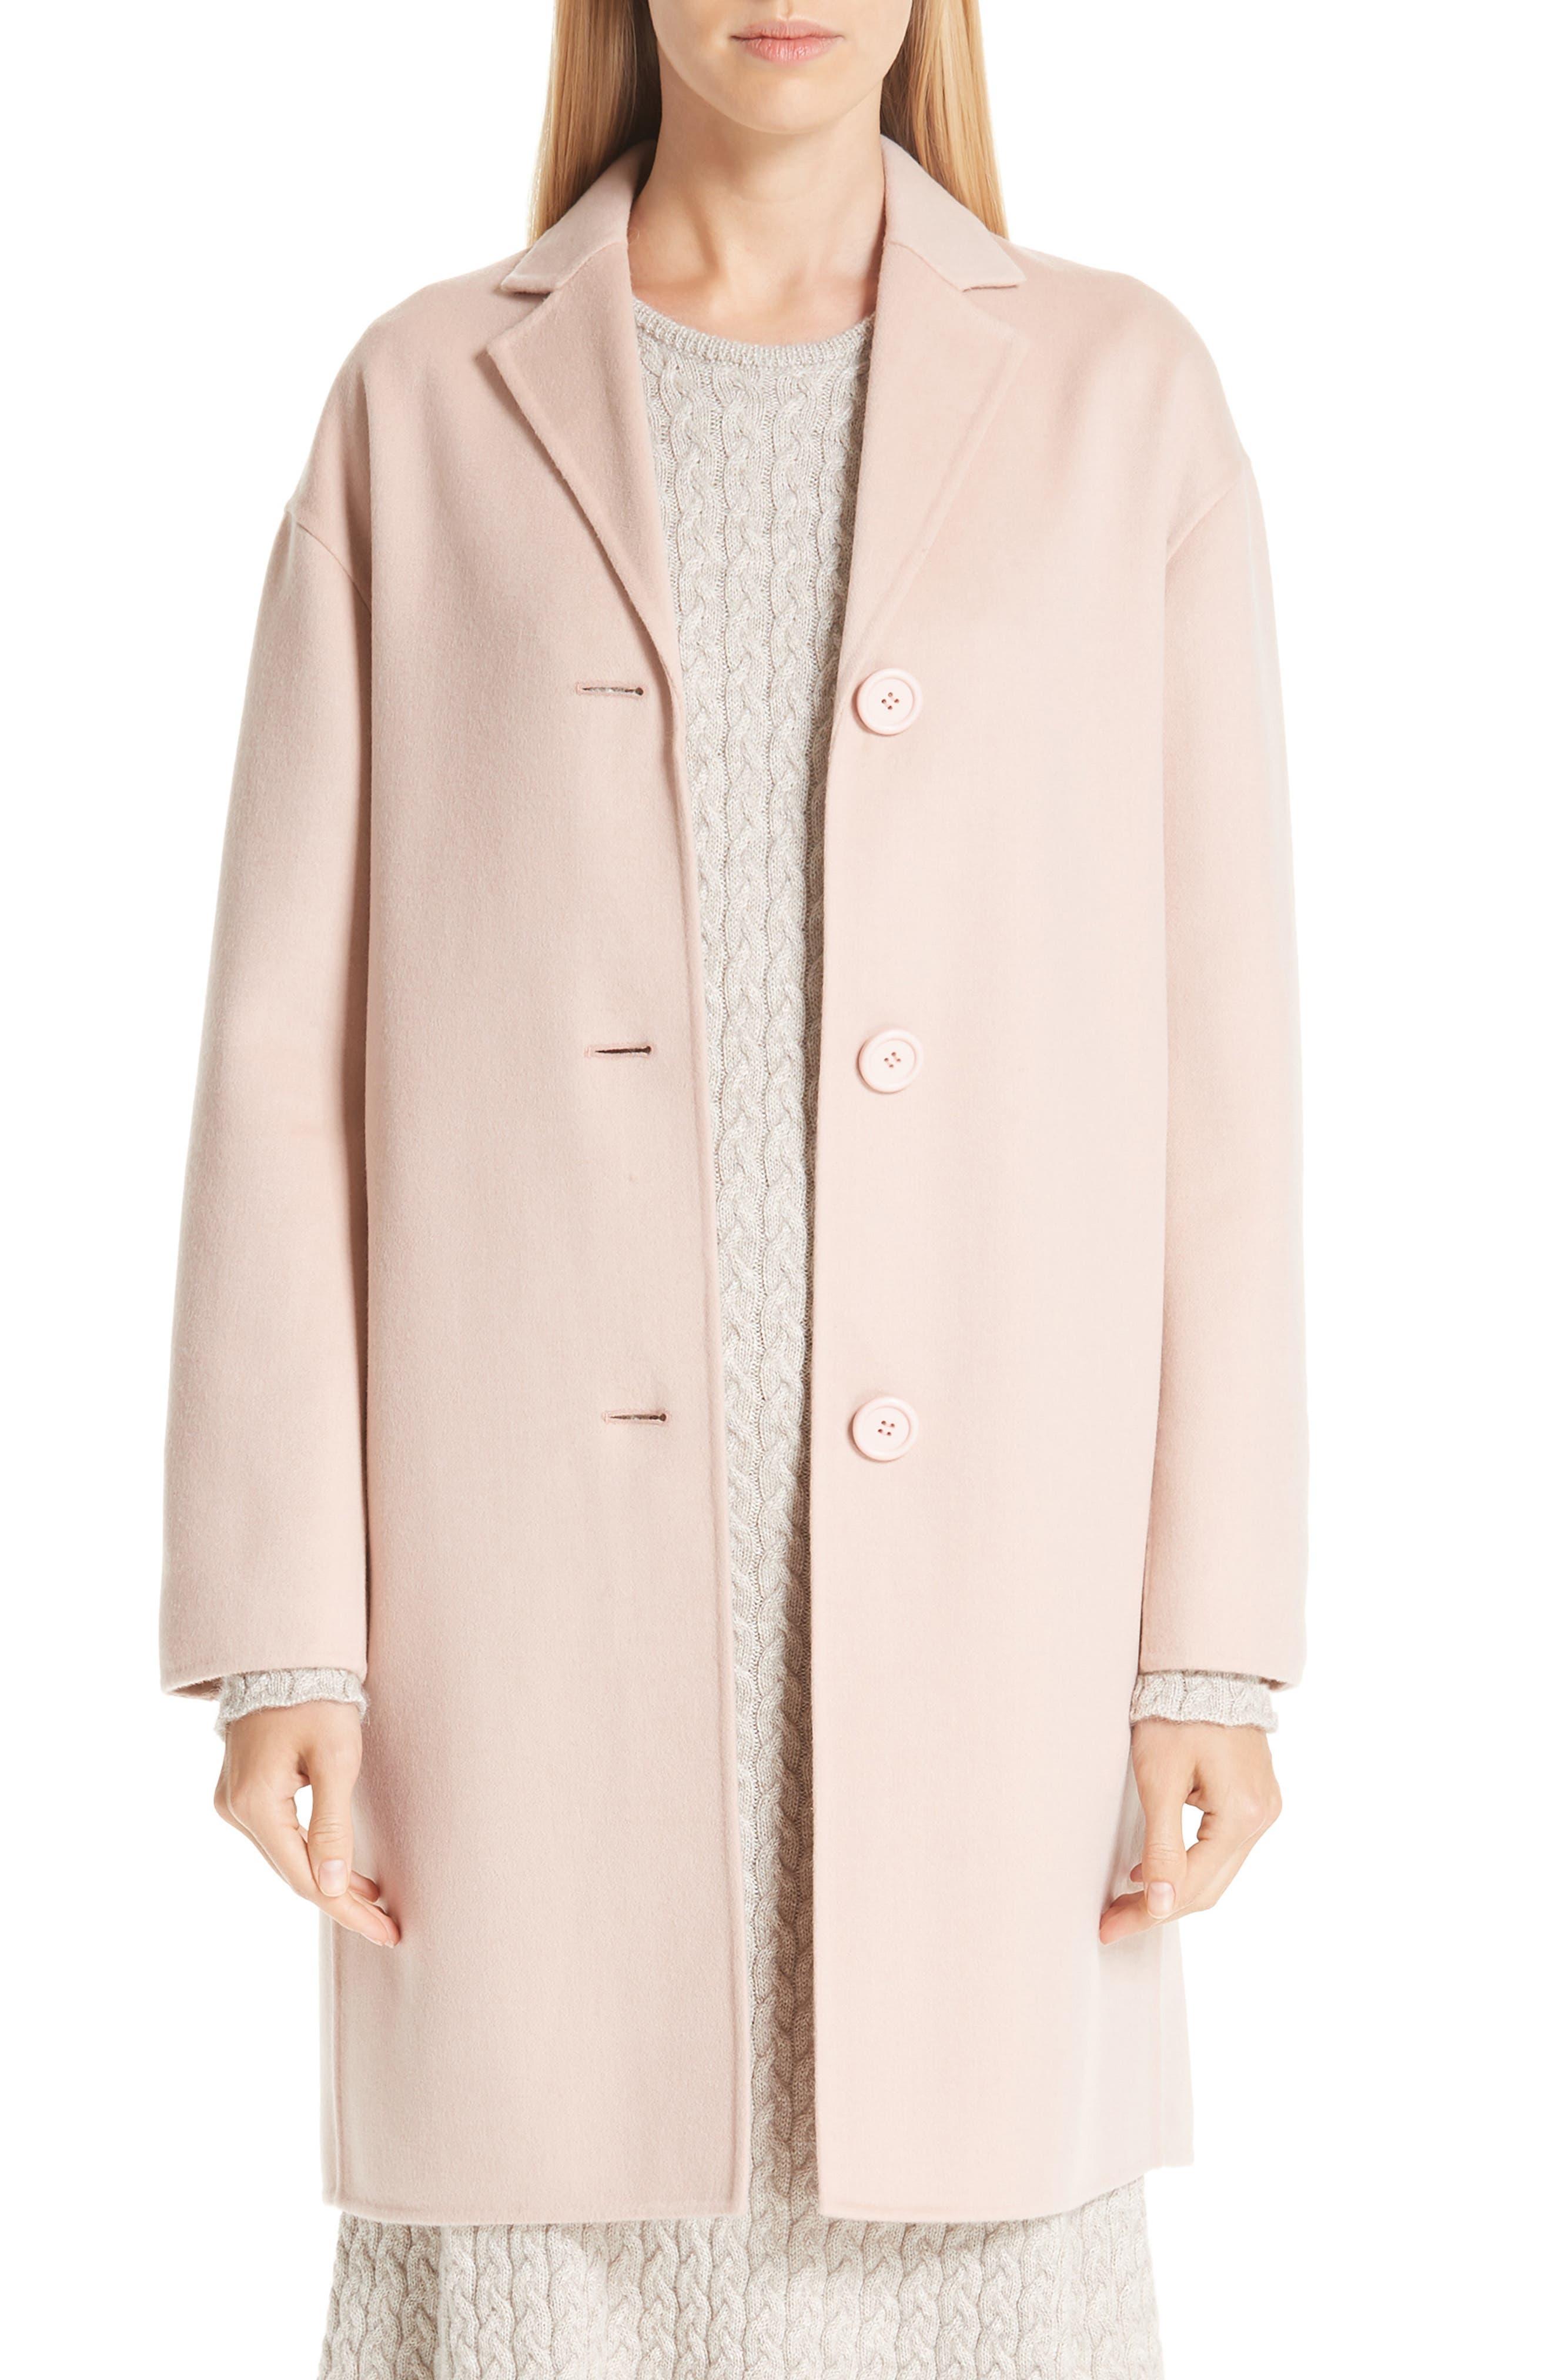 MANSUR GAVRIEL Wool & Cashmere Coat, Main, color, 650